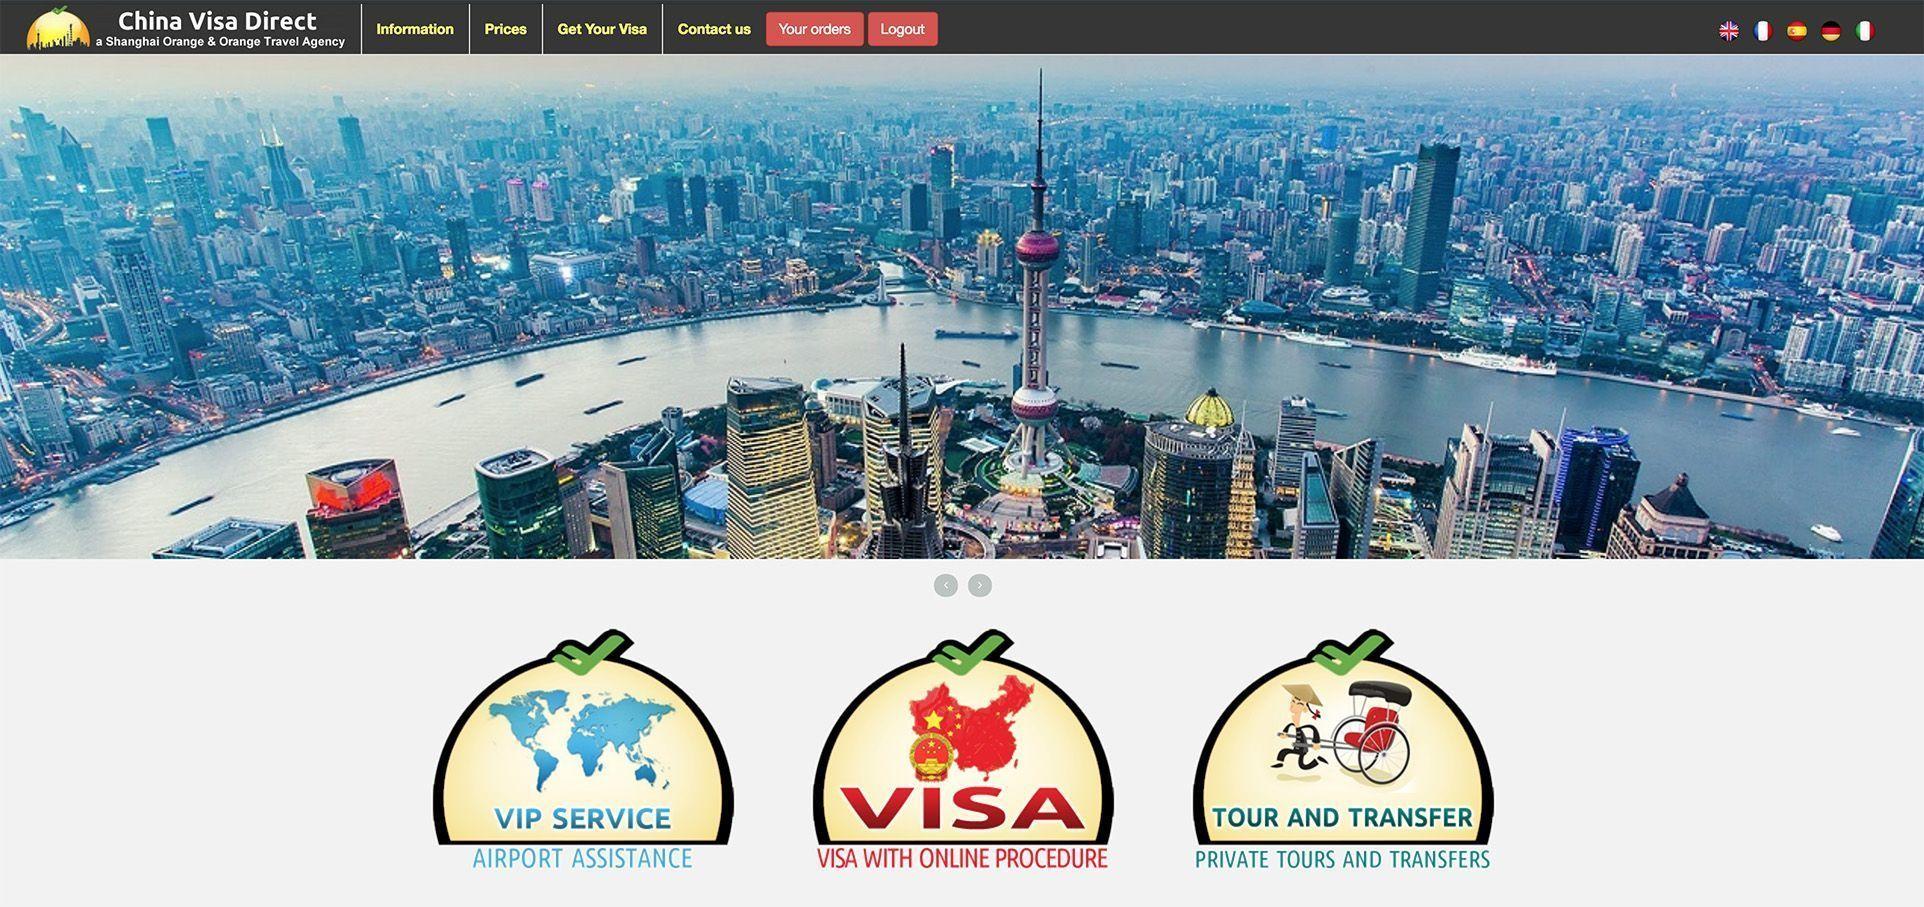 Visado de grupo para China